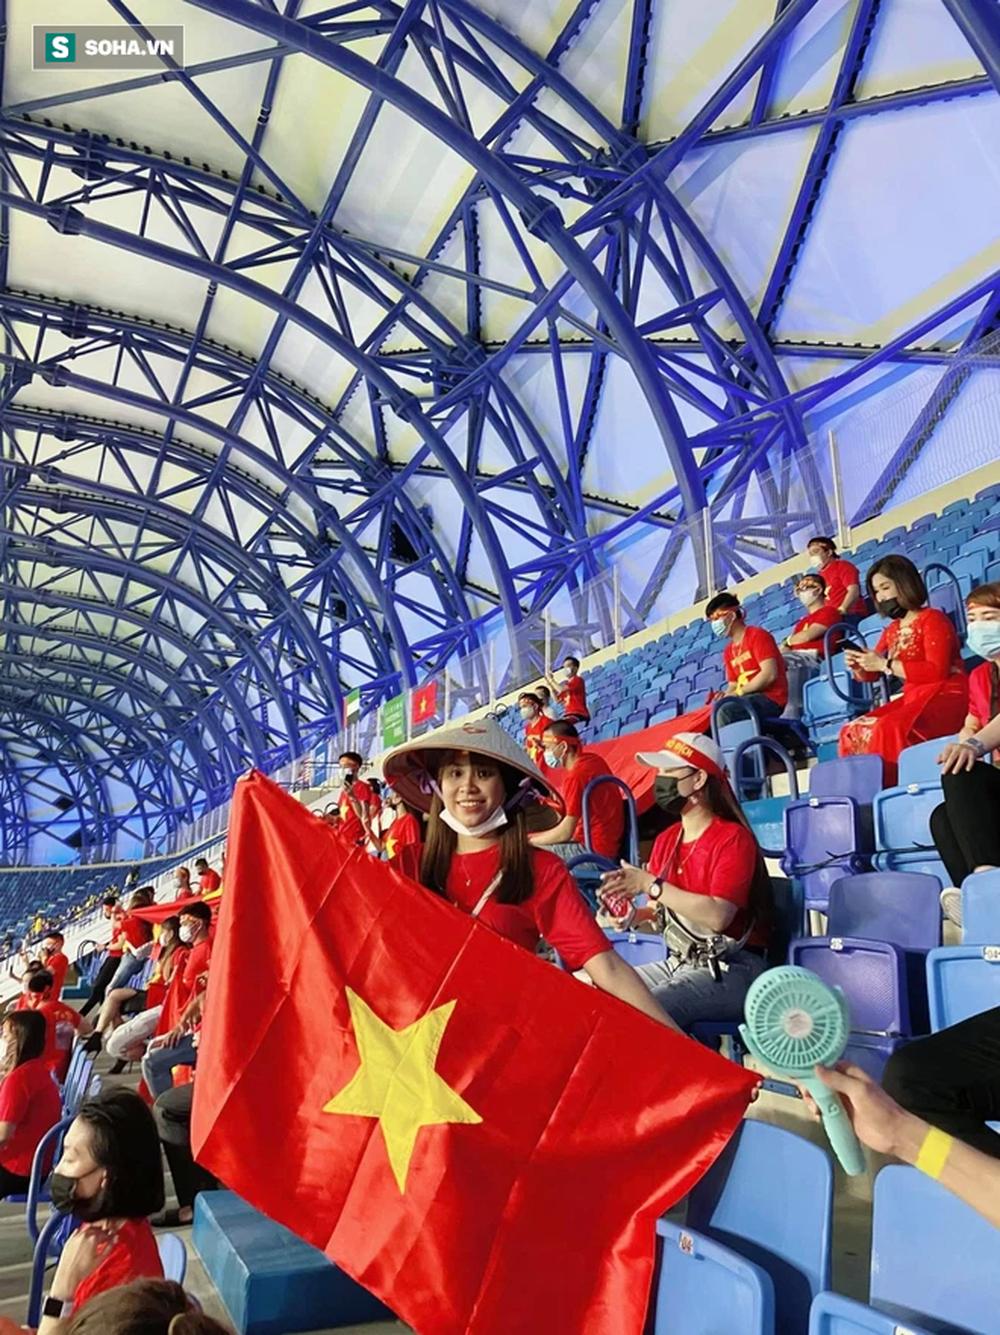 Cô gái tiết lộ chuyện mua vé thần tốc để vào sân xem Việt Nam - UAE: Giá vé khiến nhiều người bất ngờ - Ảnh 1.